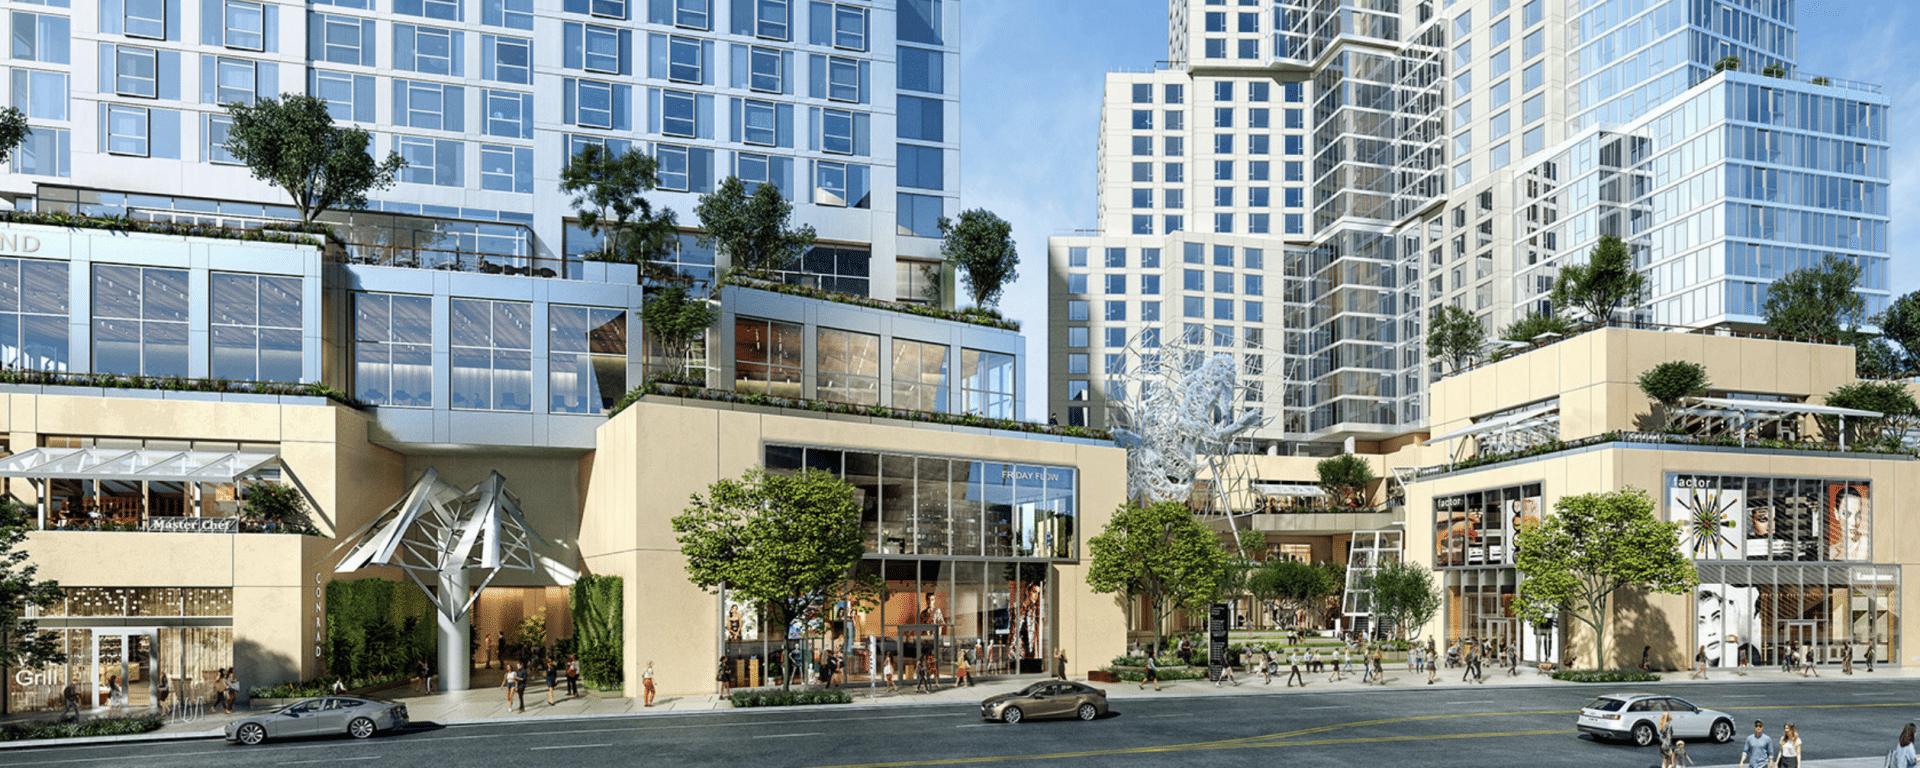 Hilton, Conrad Los Angeles